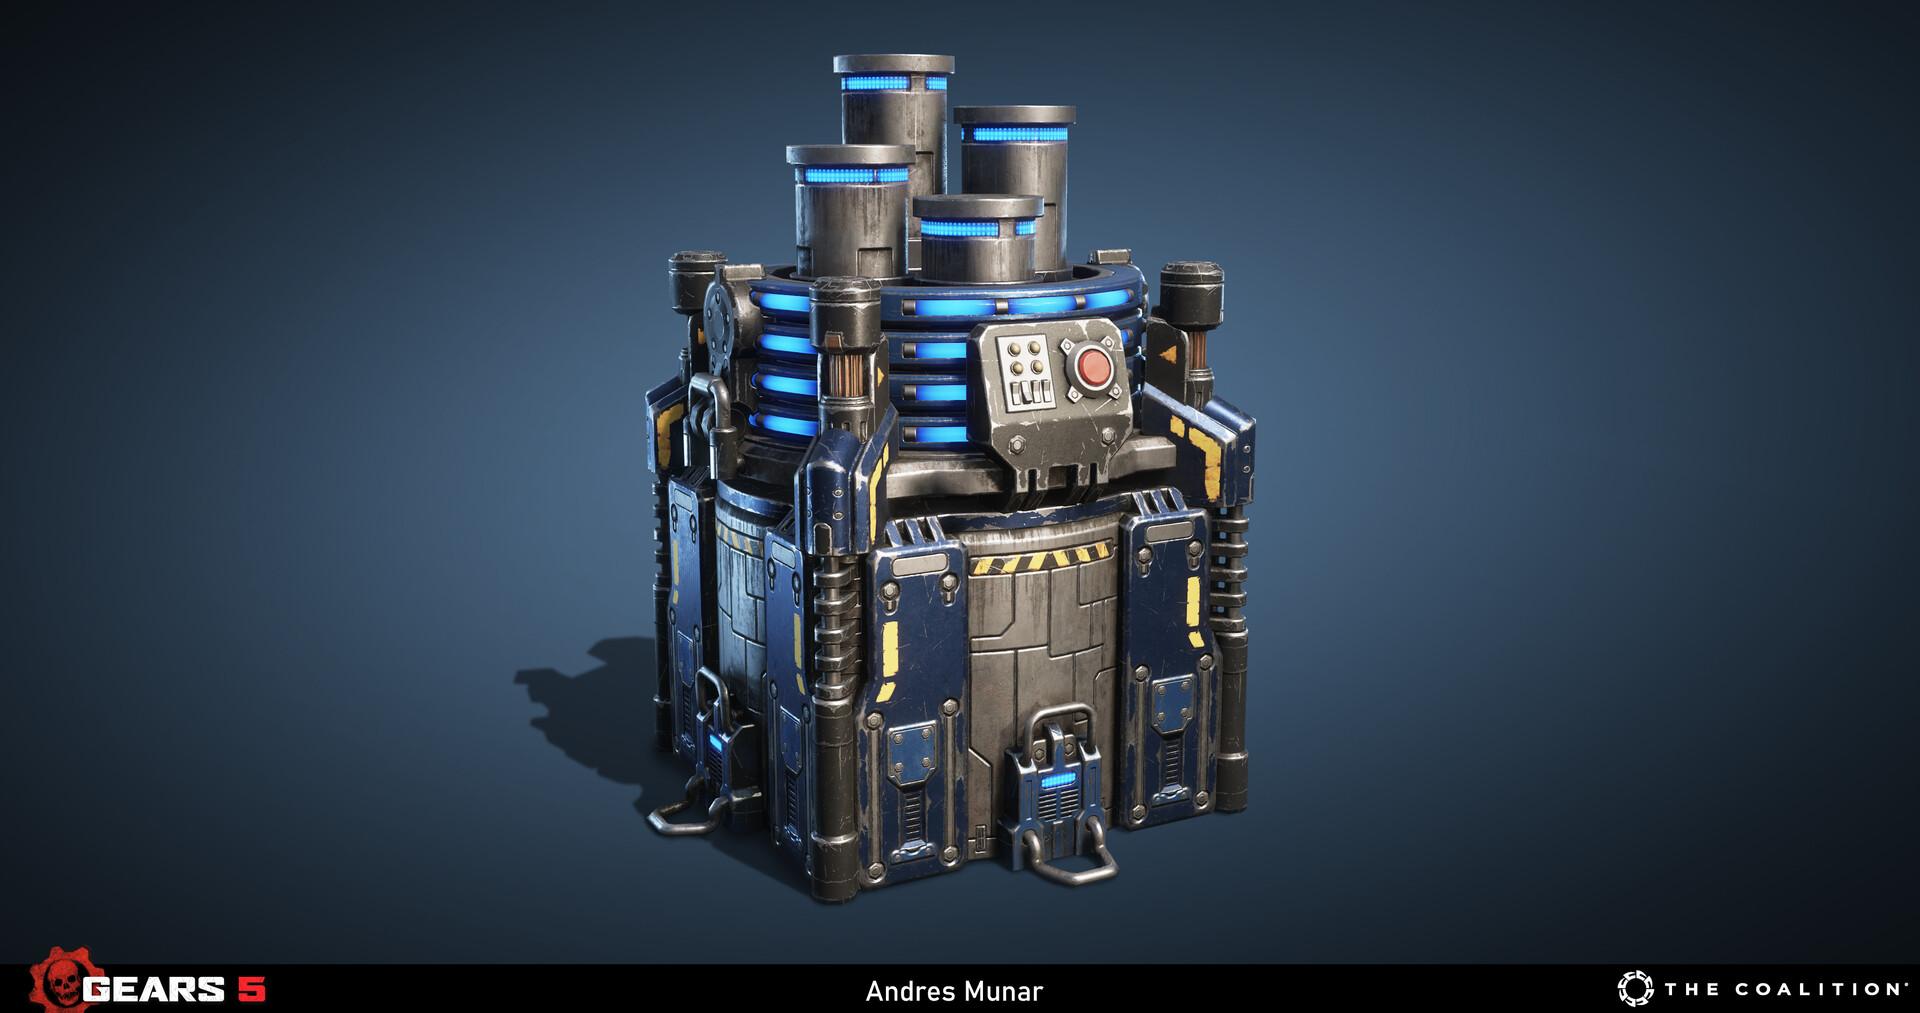 Andres munar gears5 015